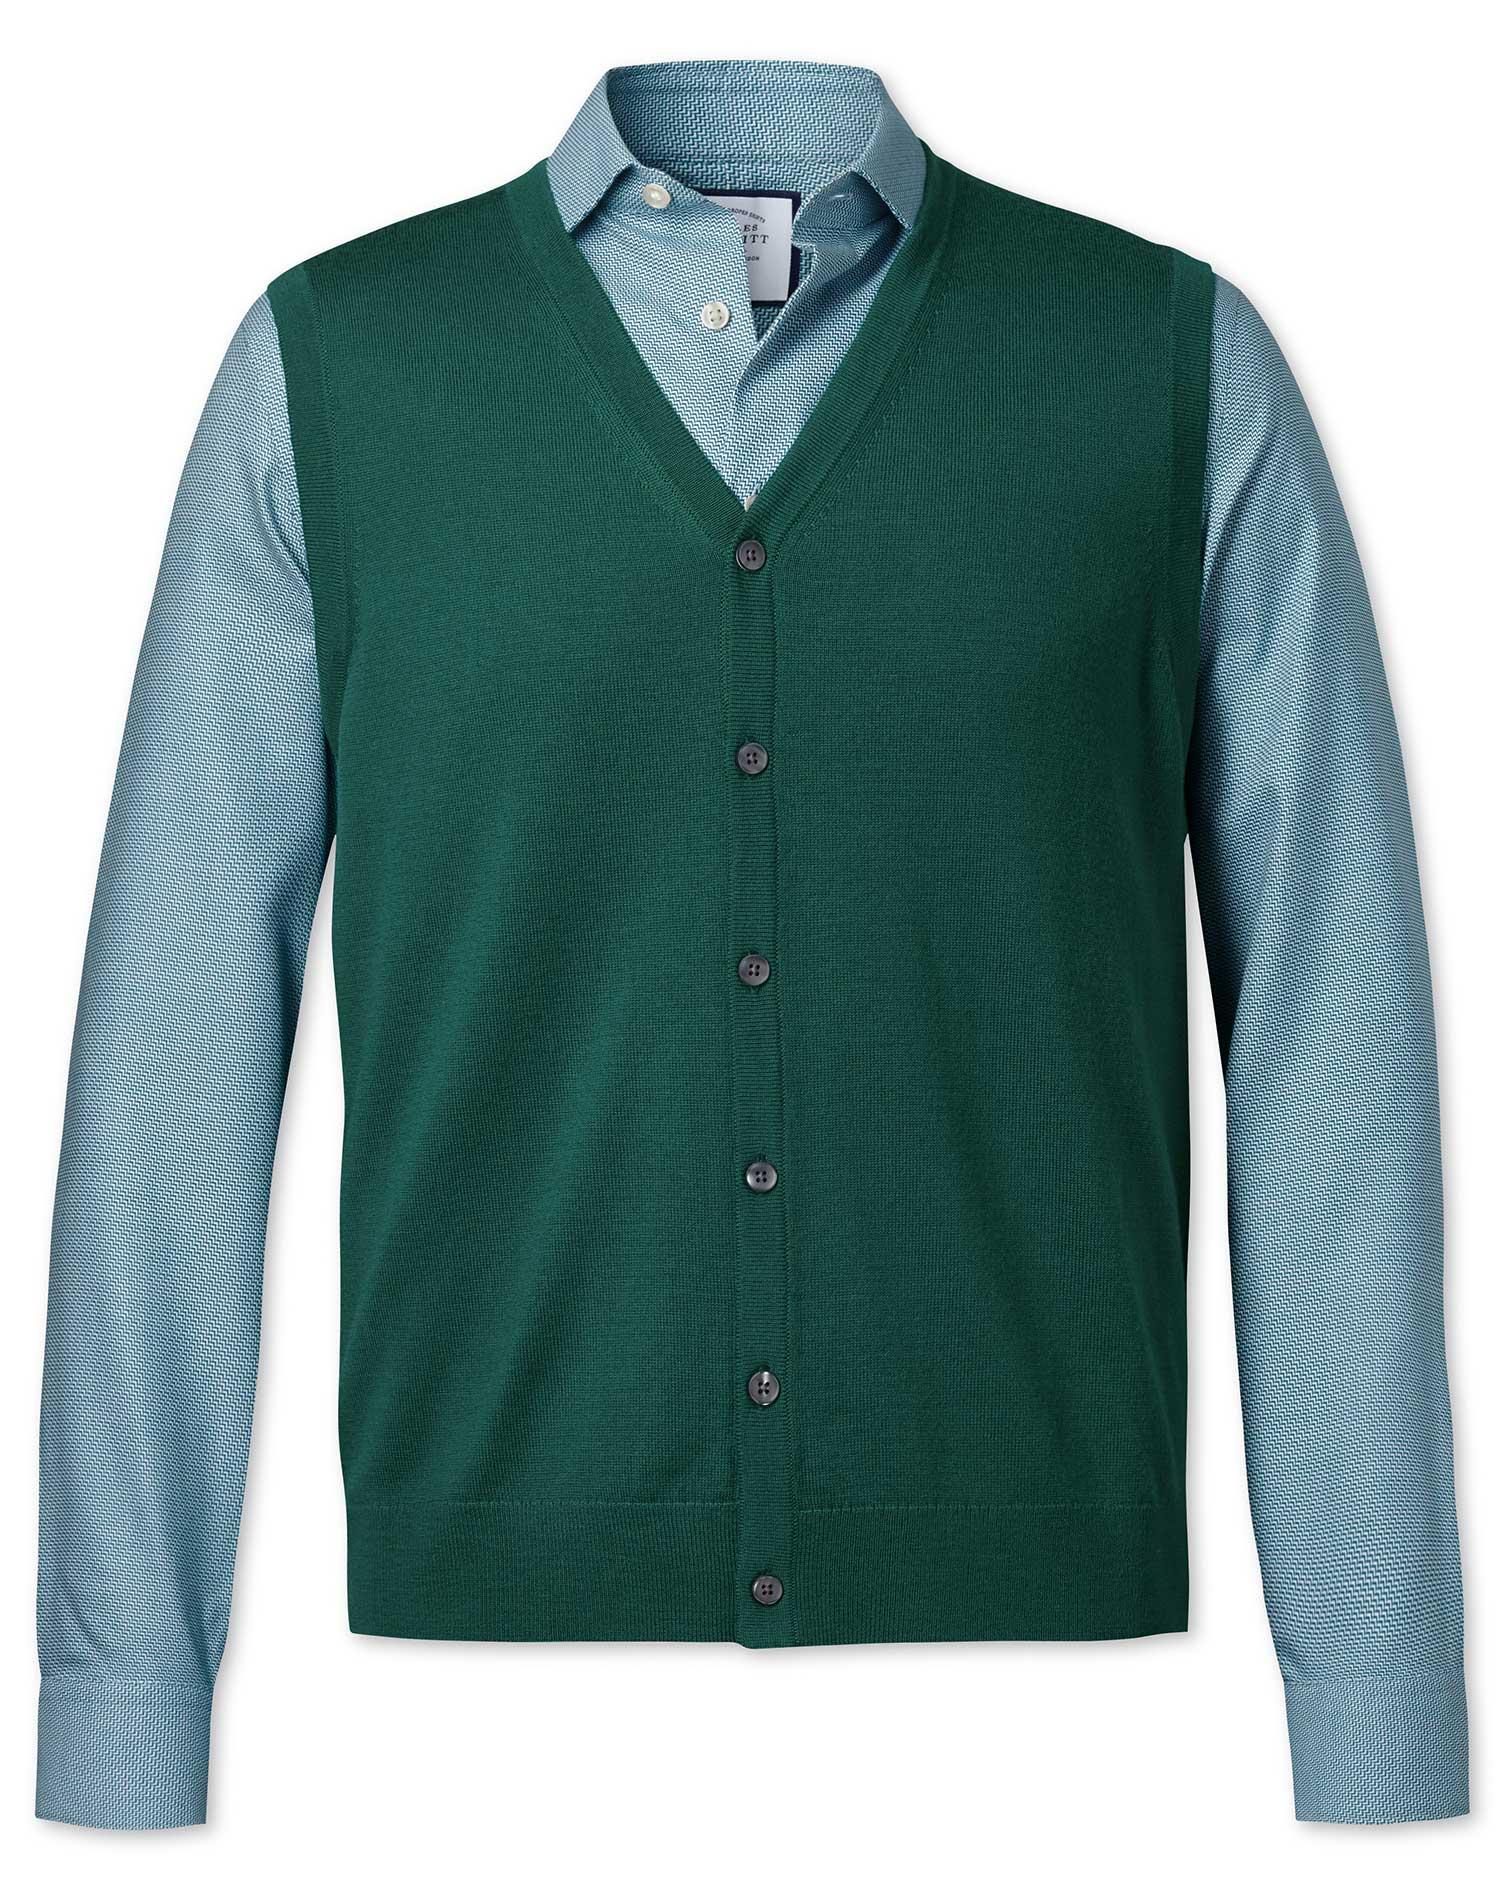 Dark Green Merino Merino Wool Waistcoat Size XXL by Charles Tyrwhitt